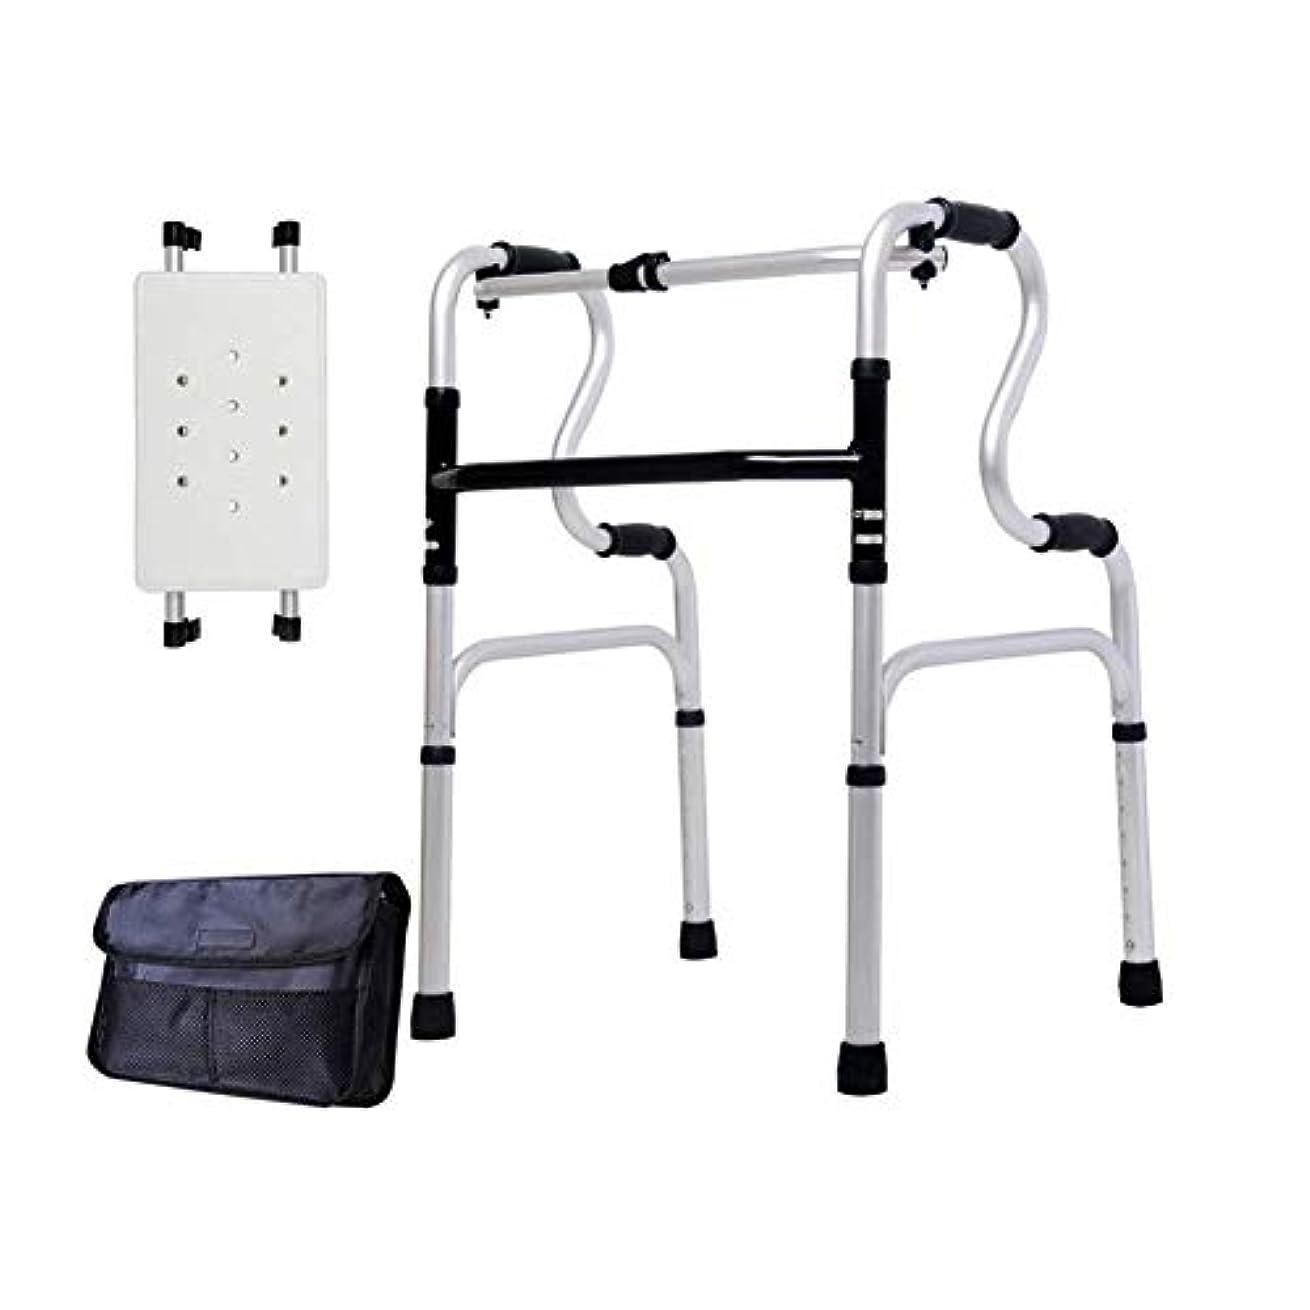 議題刈る作曲する調節可能な高さの歩行フレーム、取り外し可能なバスシートと収納袋付きの非車輪付き軽量ウォーカー (Color : A)